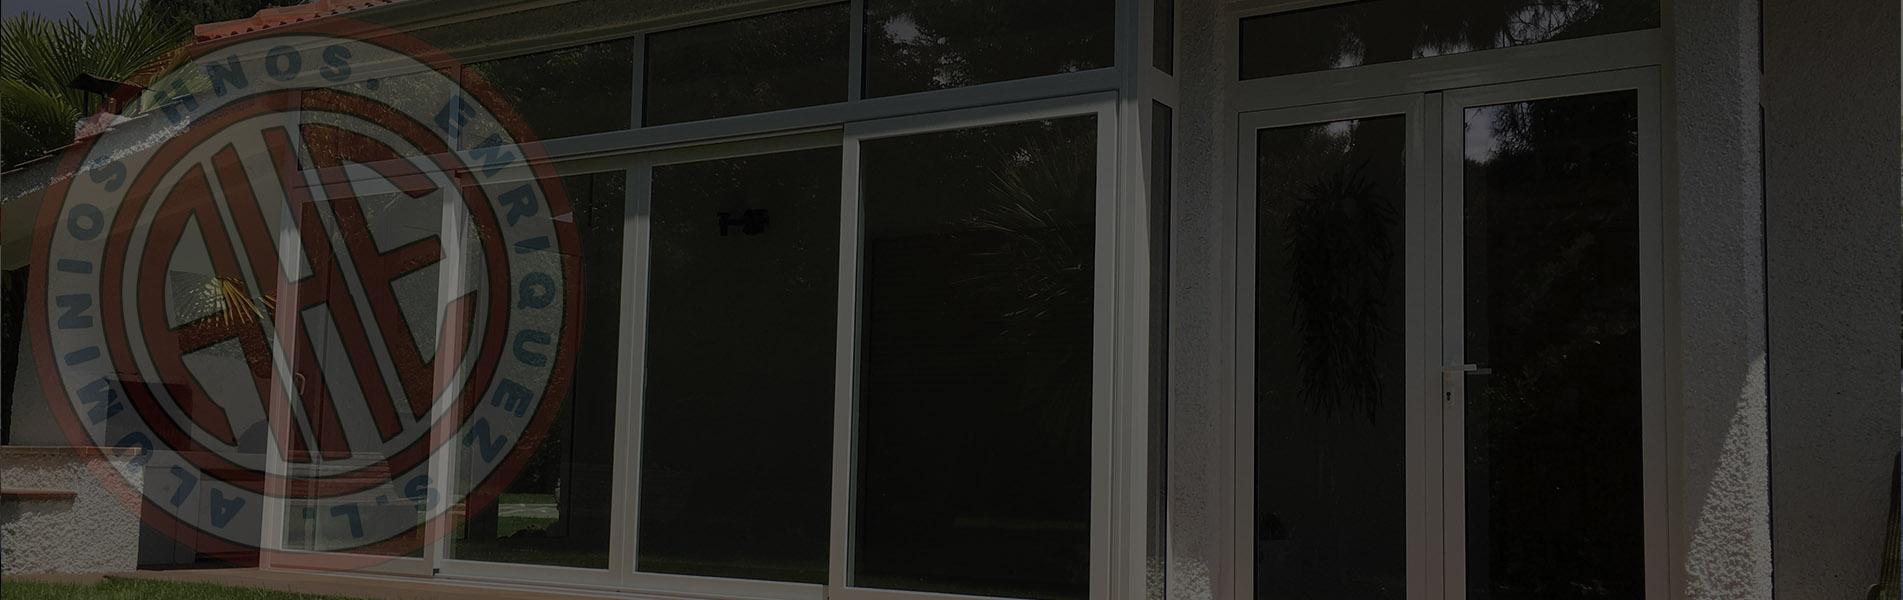 carpinteria-aluminio-madrid-slider221